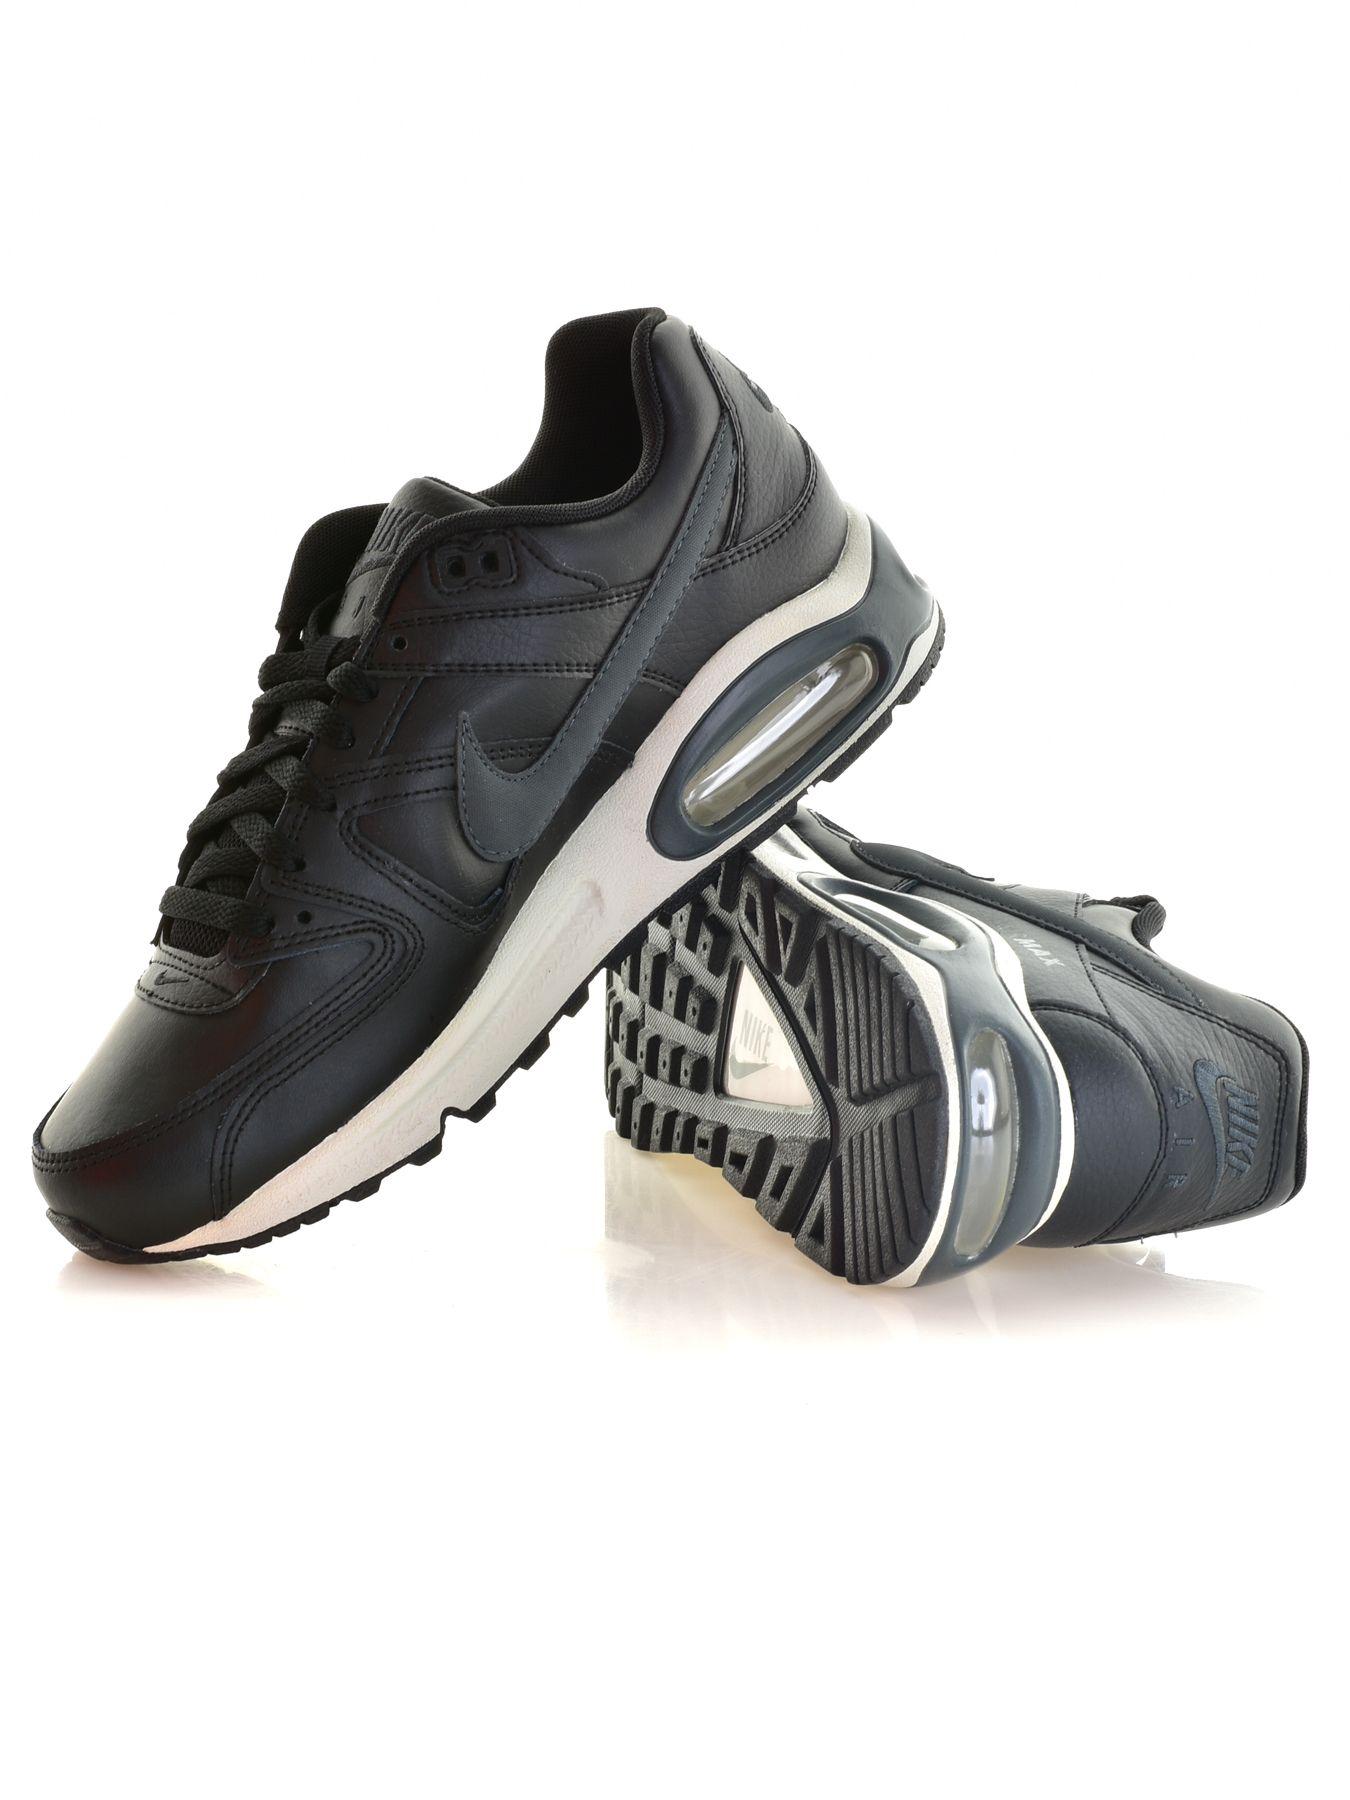 Nike Air Max Command Leather Férfi Utcai Cipő 749760 001